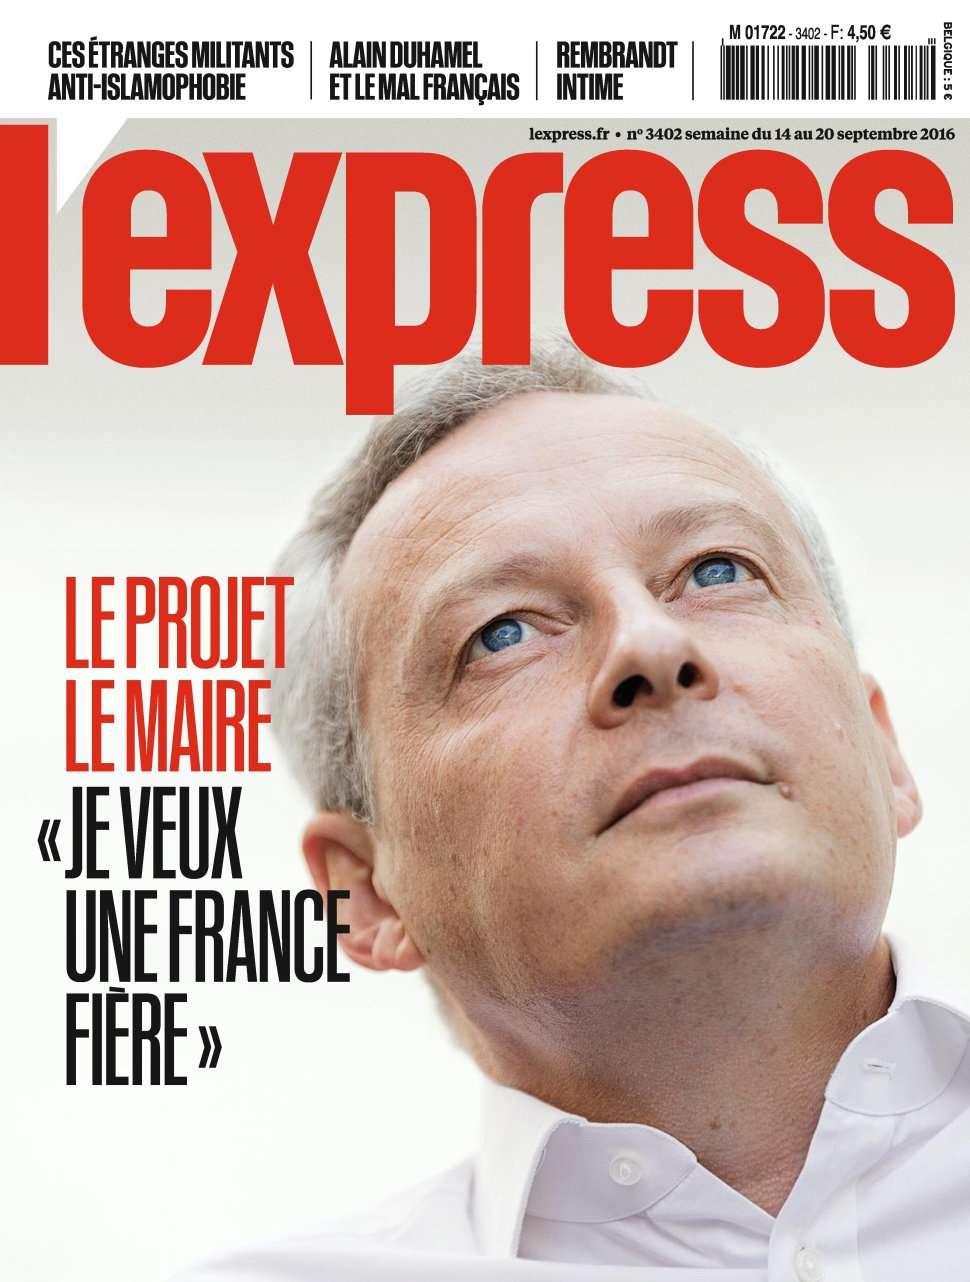 L'Express 3402 - 14 au 20 Septembre 2016